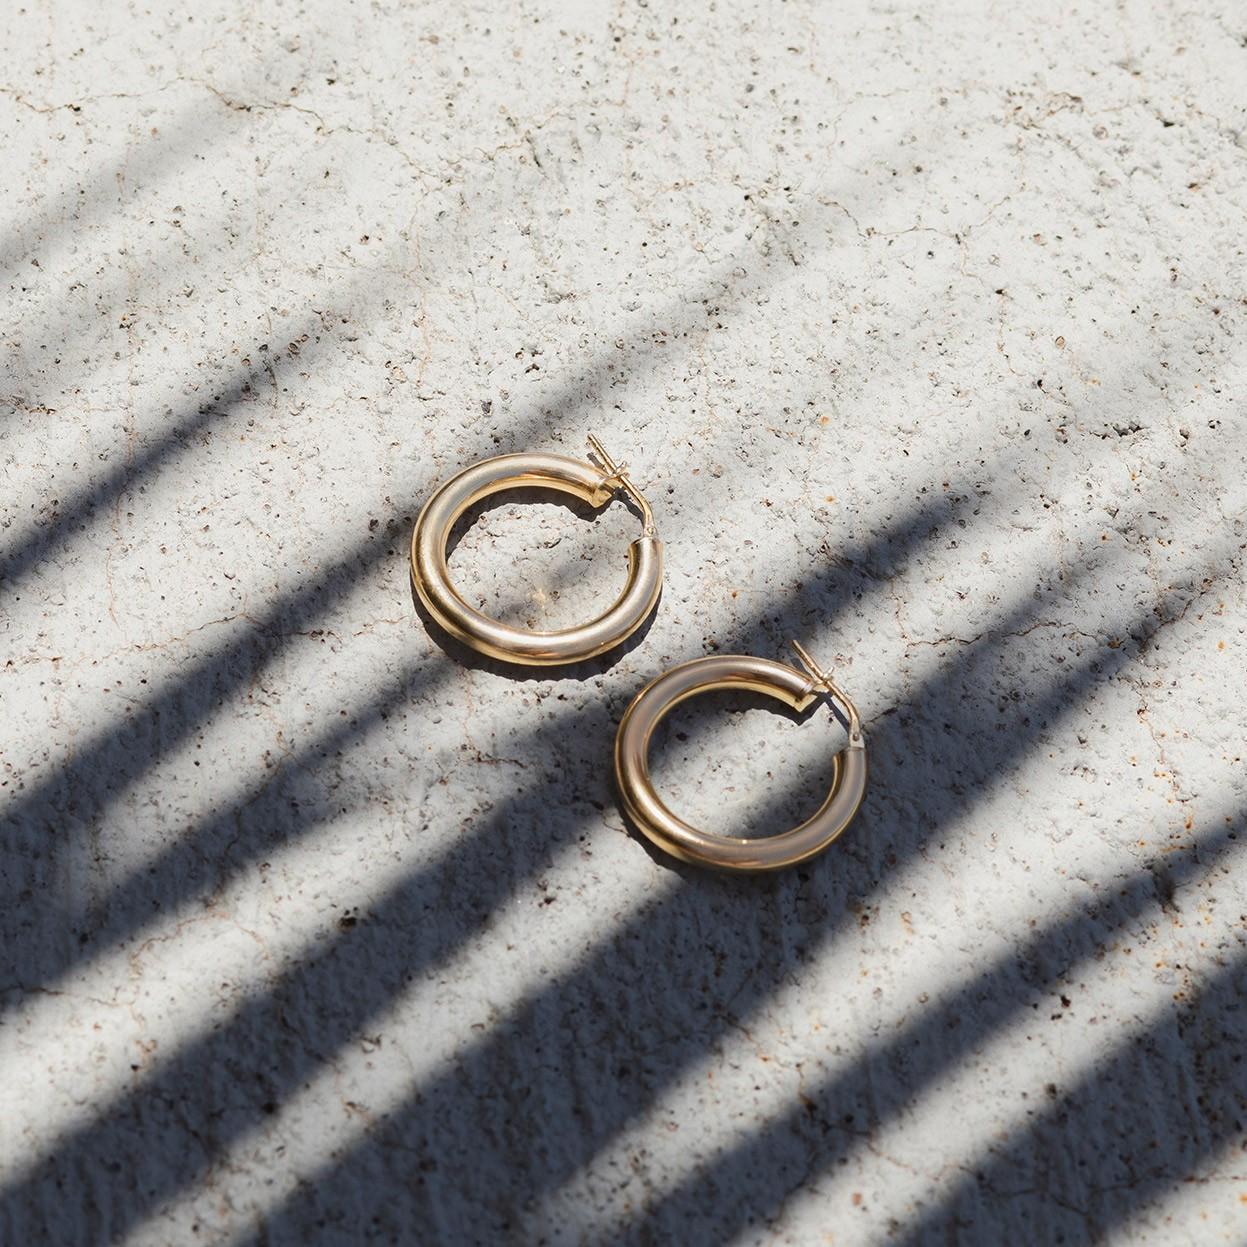 Srebrne kolczyki koła 3,5 cm z zapięciem, srebro 925